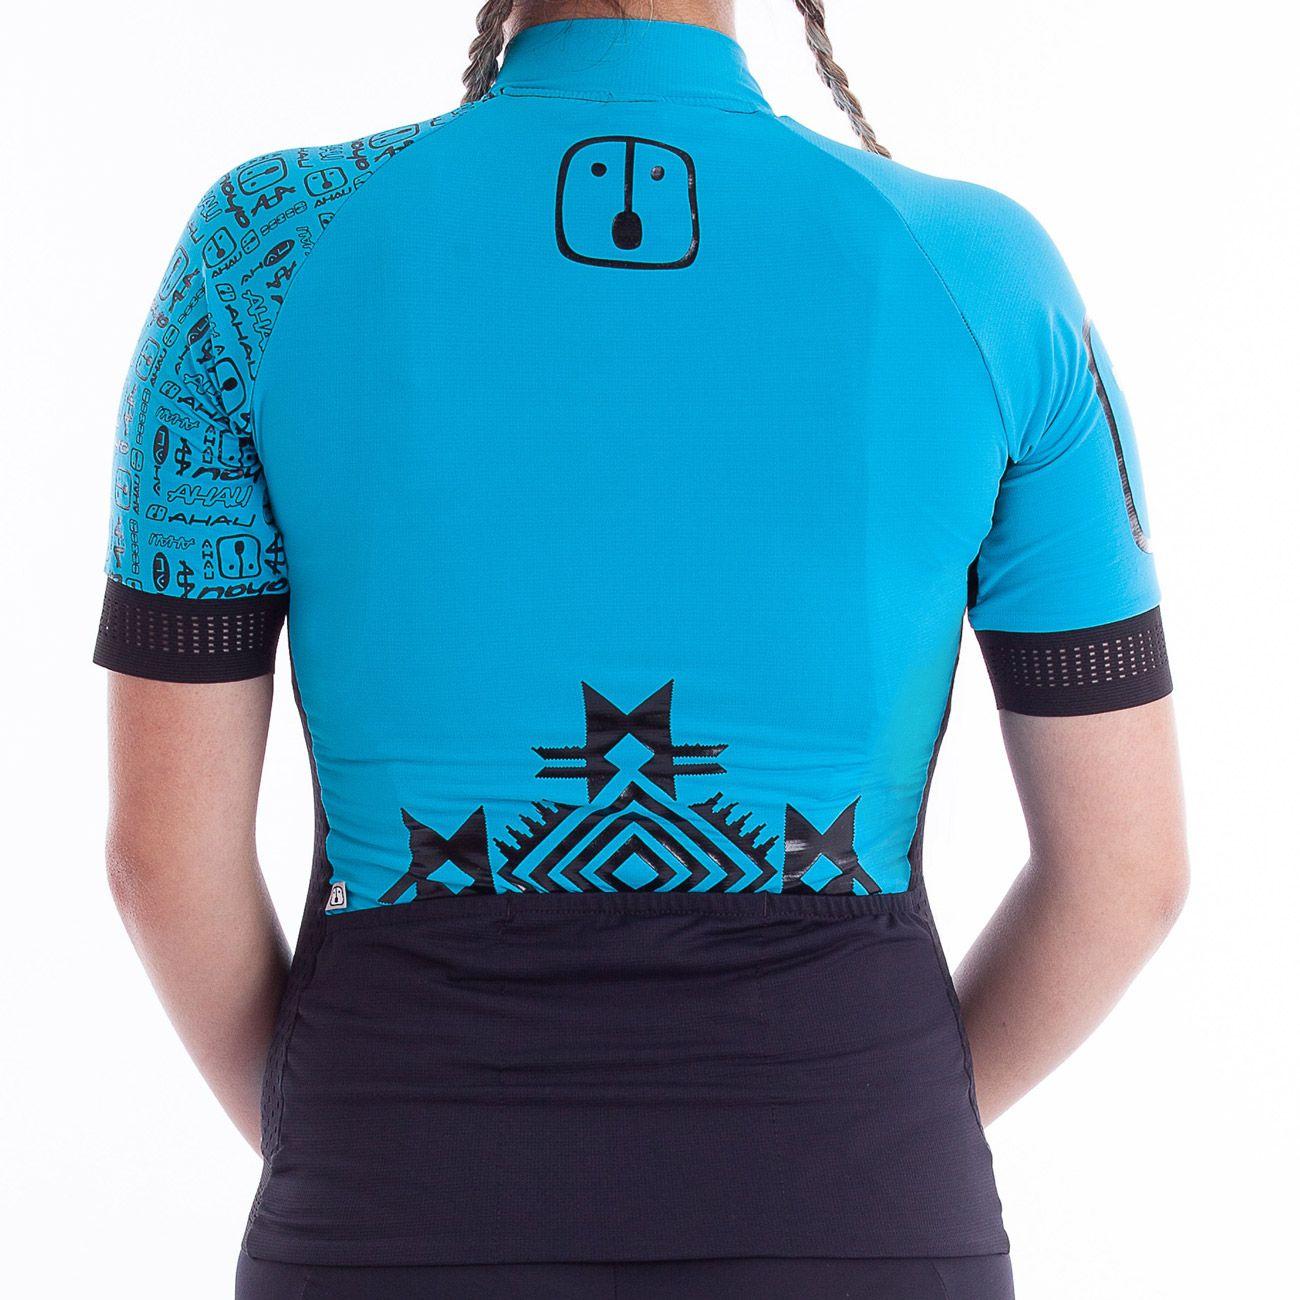 Camisa Ciclismo Racing Warrior Sky - Feminina